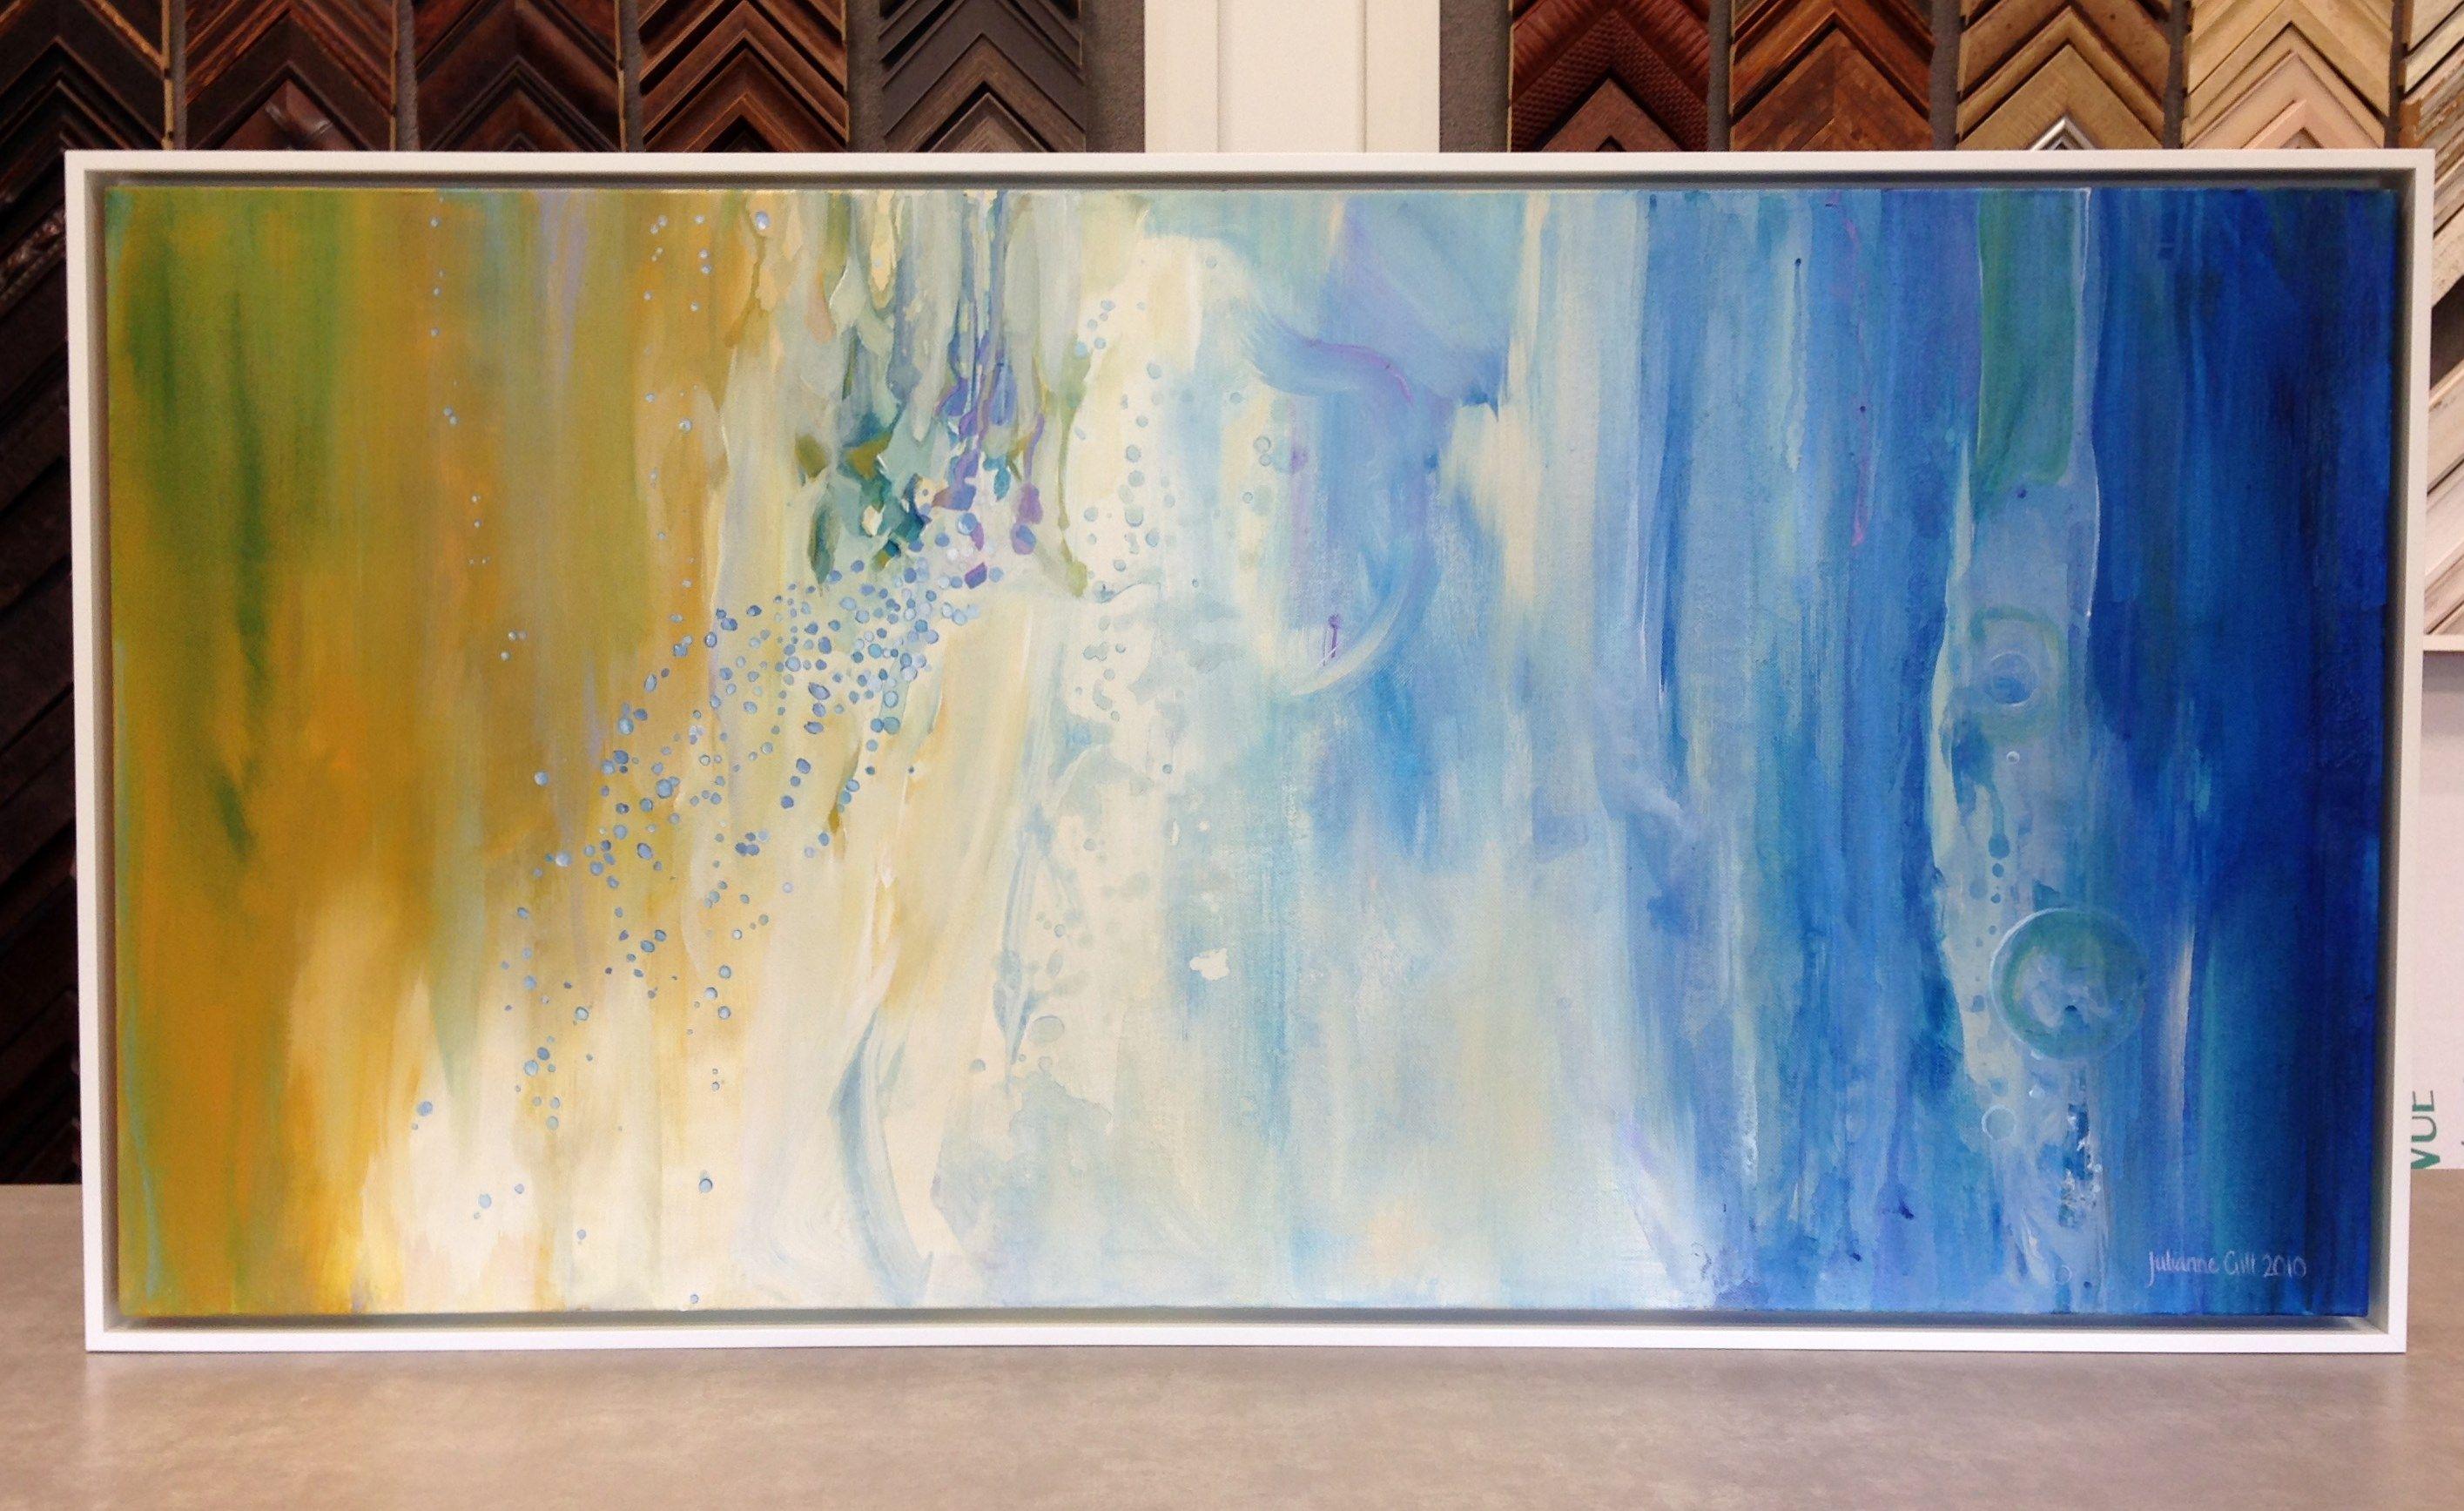 Contemporary Art By Julianne Gill Framed In A White Floater Frame By The Frame Art Co Art Contemporary Art Framed Art